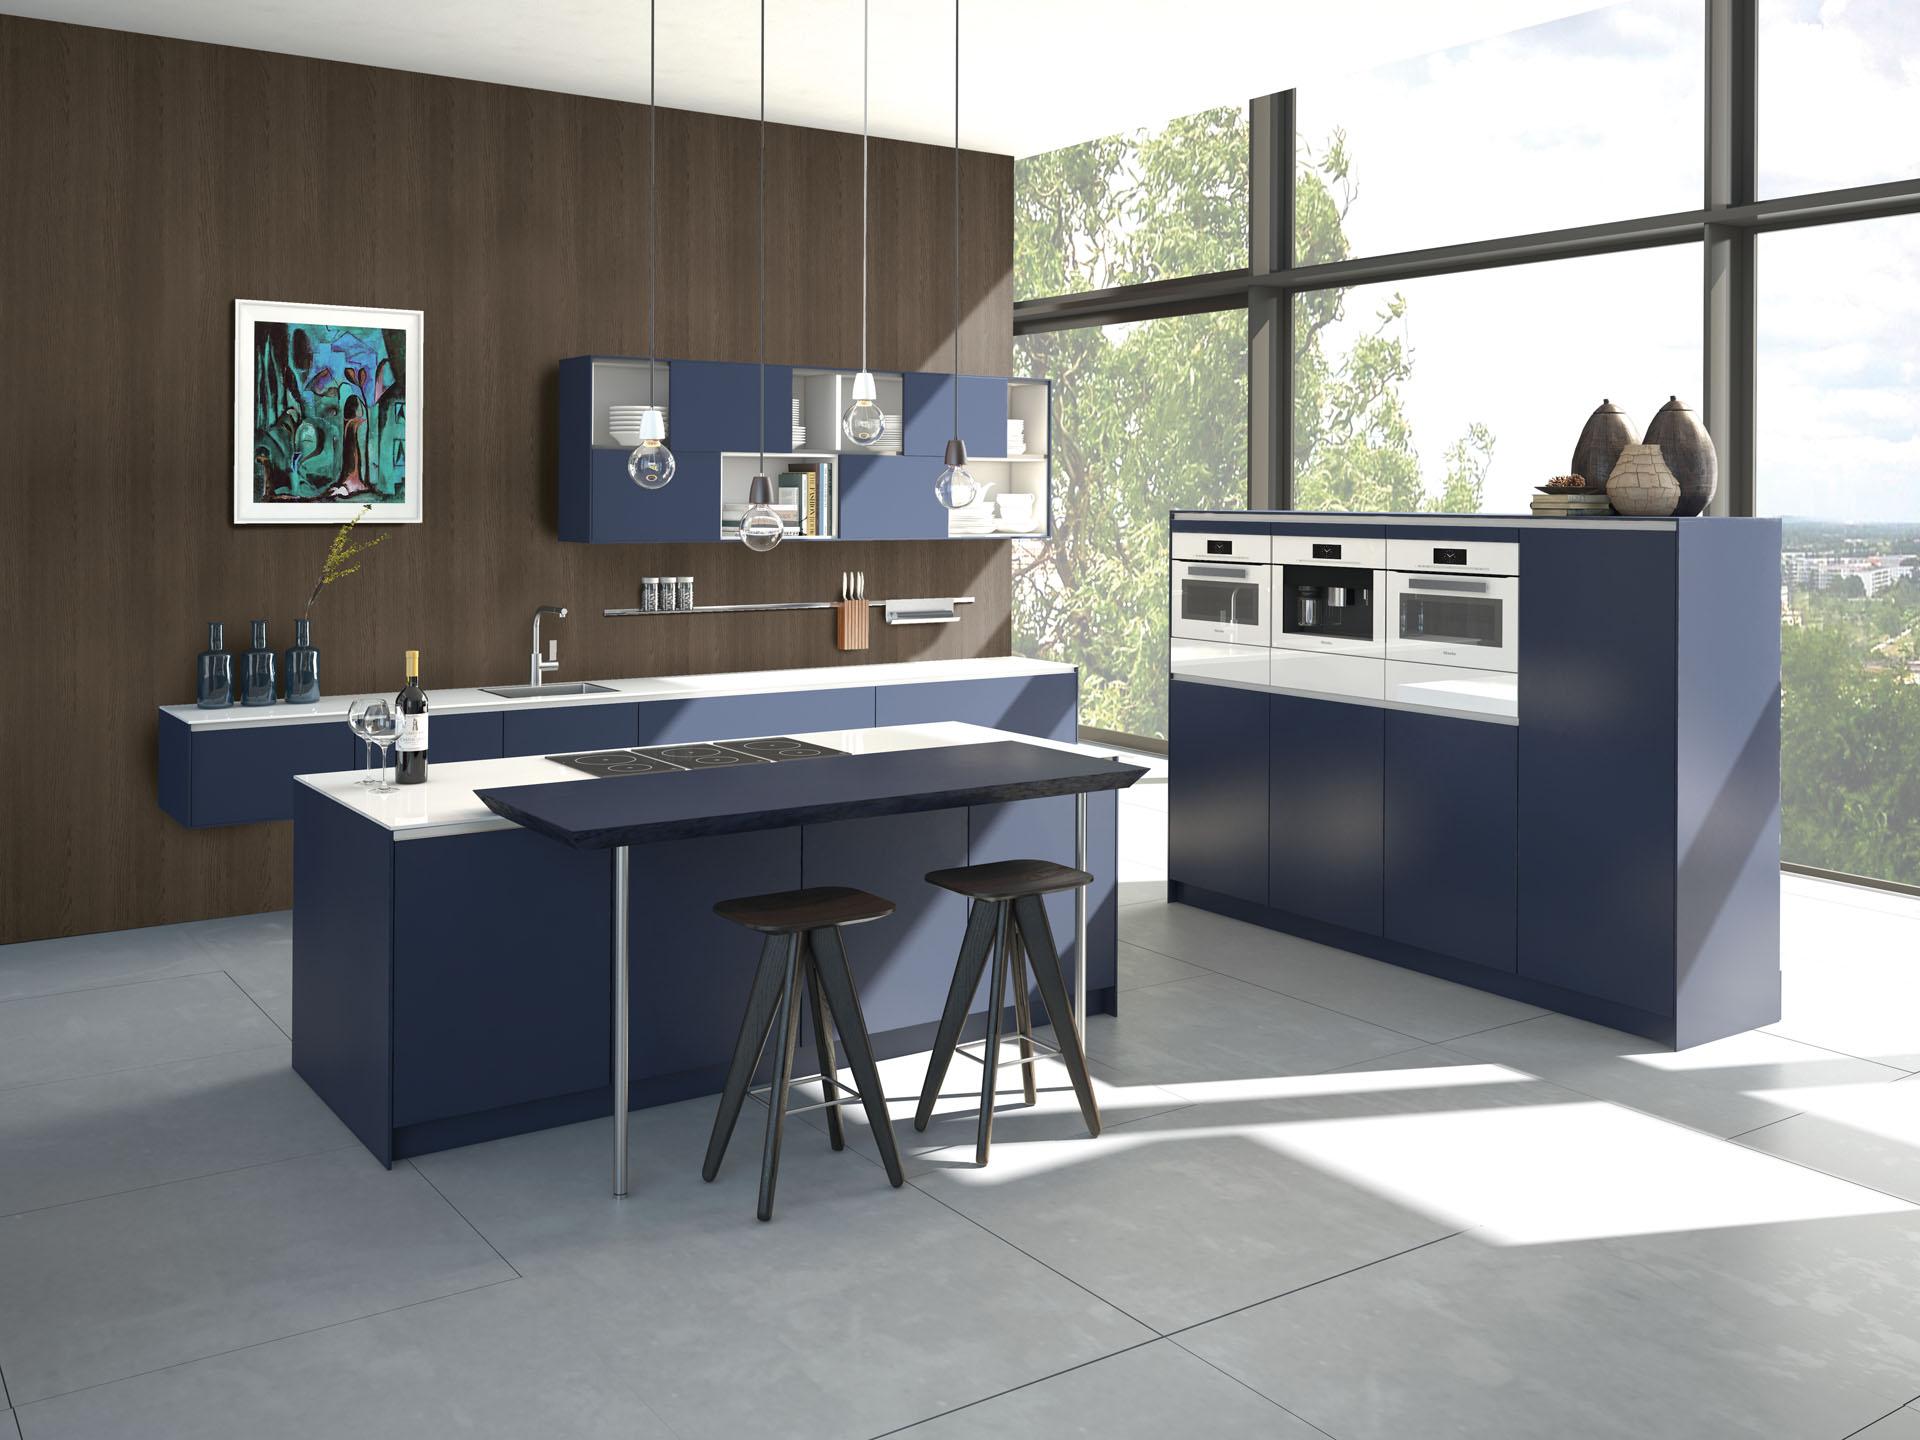 Side Table Keuken : Uitbouw keuken ecosia